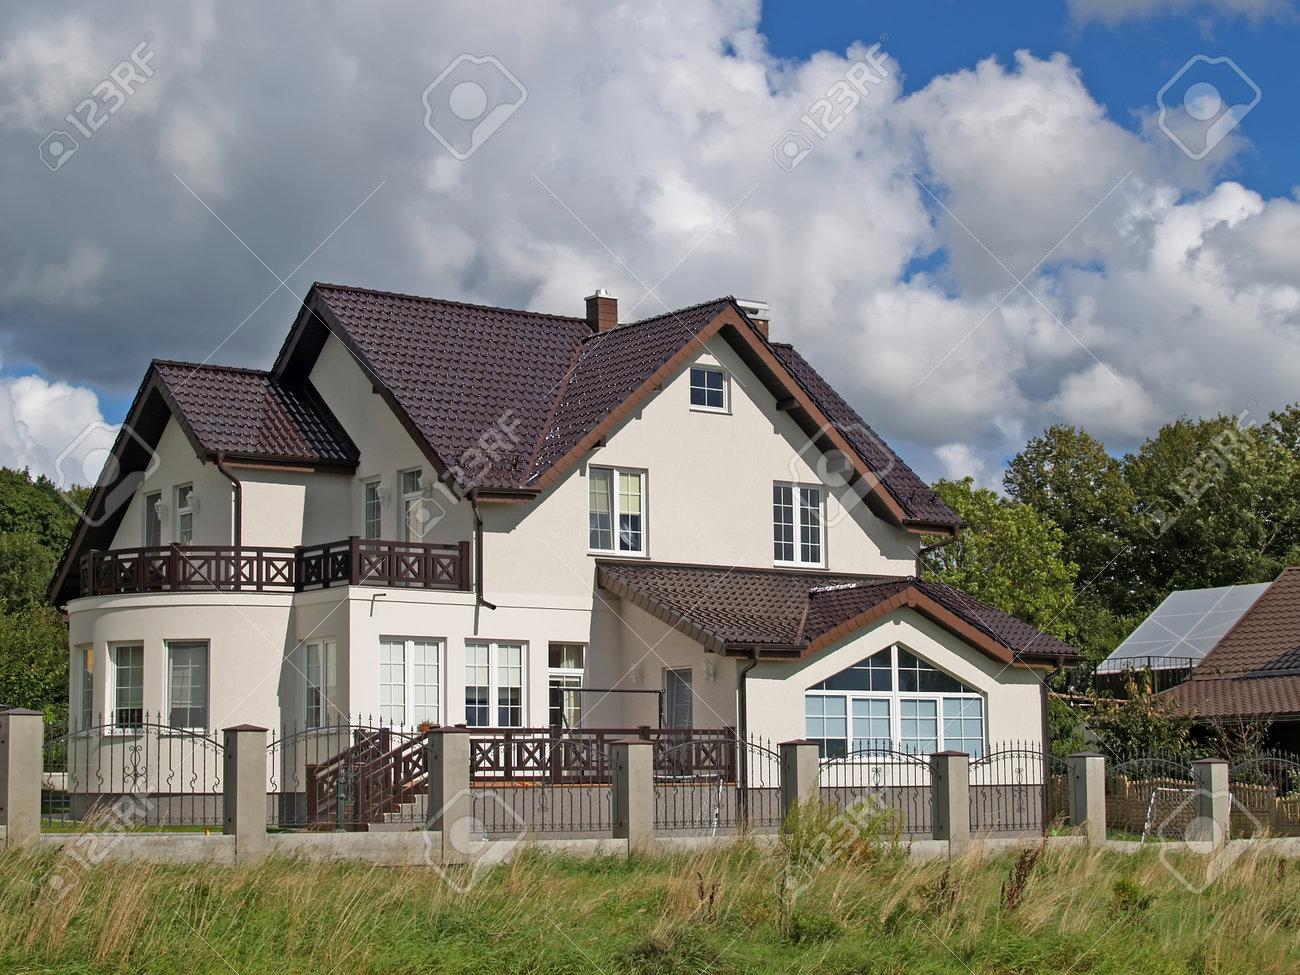 Casa De Campo Con Un Techo De Tejas De Color Marrón. Región De Kaliningrado  Foto